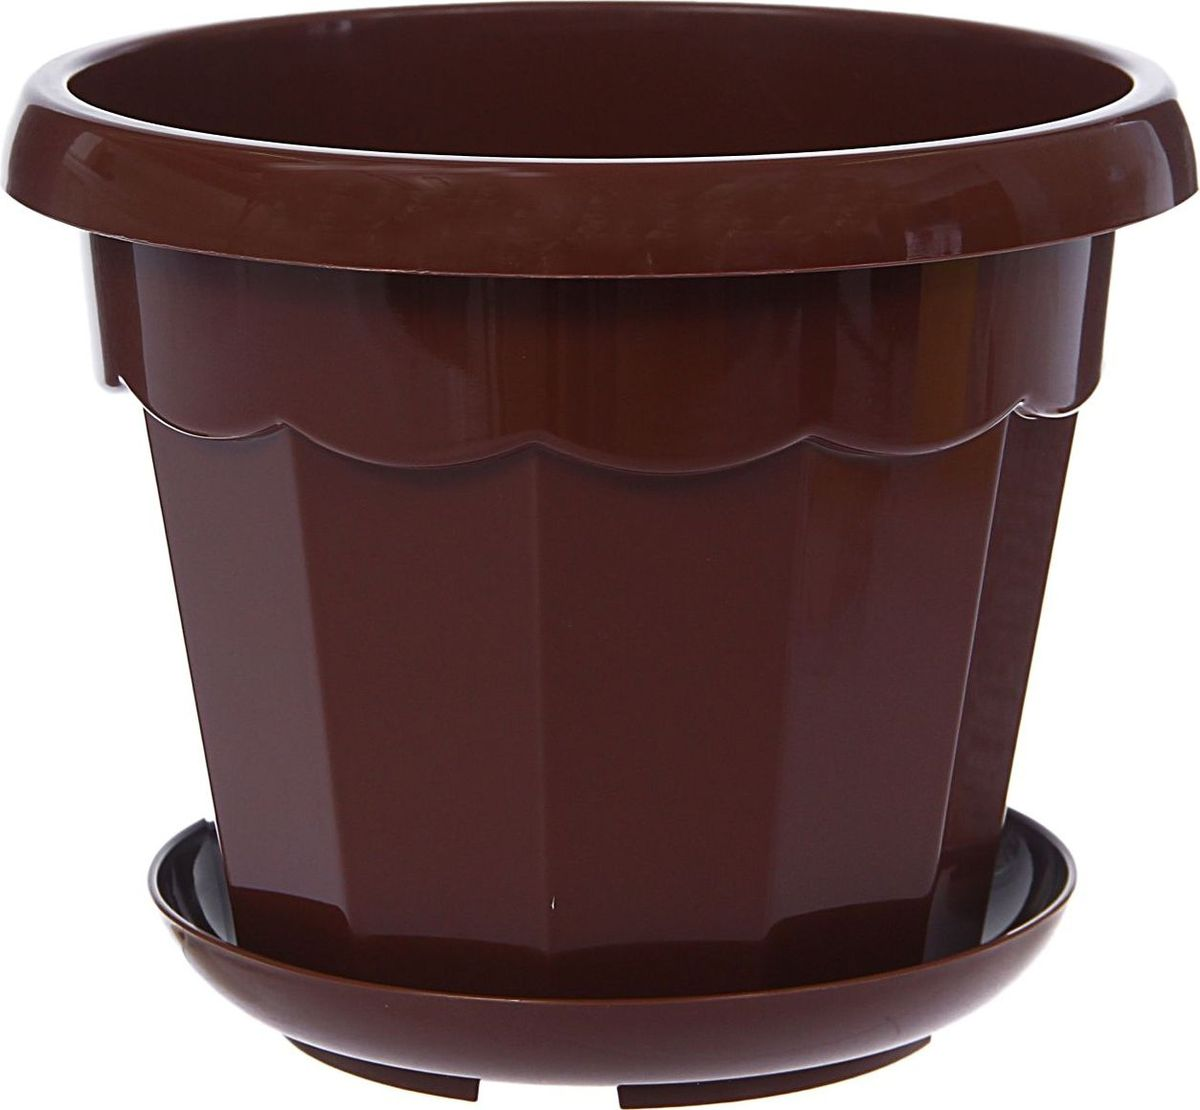 Горшок для цветов Доляна Эрика, с поддоном, цвет: терракотовый, 1,8 лПВЛ 2,5 БЕЛЛюбой, даже самый современный и продуманный интерьер будет не завершённым без растений. Они не только очищают воздух и насыщают его кислородом, но и заметно украшают окружающее пространство. Такому полезному &laquo члену семьи&raquoпросто необходимо красивое и функциональное кашпо, оригинальный горшок или необычная ваза! Мы предлагаем - Горшок для цветов 1,8 л с поддоном Эрика, цвет терракотовый!Оптимальный выбор материала &mdash &nbsp пластмасса! Почему мы так считаем? Малый вес. С лёгкостью переносите горшки и кашпо с места на место, ставьте их на столики или полки, подвешивайте под потолок, не беспокоясь о нагрузке. Простота ухода. Пластиковые изделия не нуждаются в специальных условиях хранения. Их&nbsp легко чистить &mdashдостаточно просто сполоснуть тёплой водой. Никаких царапин. Пластиковые кашпо не царапают и не загрязняют поверхности, на которых стоят. Пластик дольше хранит влагу, а значит &mdashрастение реже нуждается в поливе. Пластмасса не пропускает воздух &mdashкорневой системе растения не грозят резкие перепады температур. Огромный выбор форм, декора и расцветок &mdashвы без труда подберёте что-то, что идеально впишется в уже существующий интерьер.Соблюдая нехитрые правила ухода, вы можете заметно продлить срок службы горшков, вазонов и кашпо из пластика: всегда учитывайте размер кроны и корневой системы растения (при разрастании большое растение способно повредить маленький горшок)берегите изделие от воздействия прямых солнечных лучей, чтобы кашпо и горшки не выцветалидержите кашпо и горшки из пластика подальше от нагревающихся поверхностей.Создавайте прекрасные цветочные композиции, выращивайте рассаду или необычные растения, а низкие цены позволят вам не ограничивать себя в выборе.